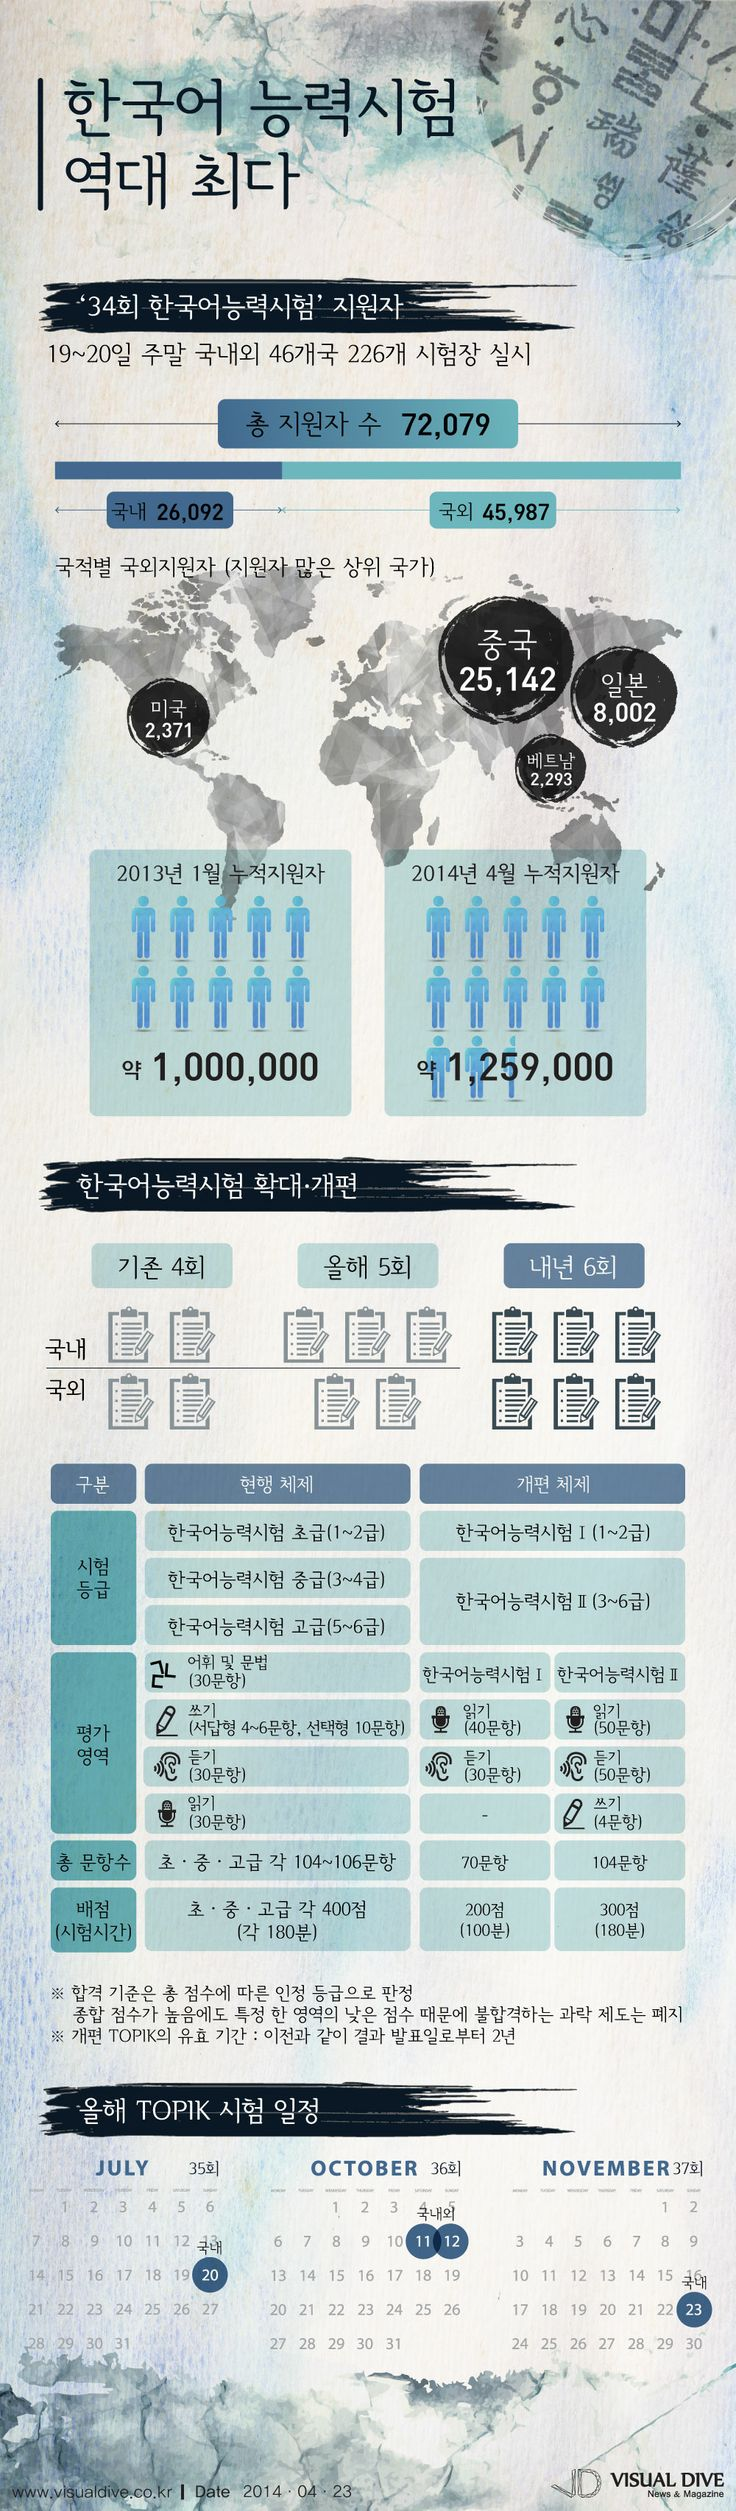 한국어능력시험 지원자 최다… 중국 2만5142명, 일본 8,002명 [인포그래픽] #korea #Infographic ⓒ 비주얼다이브 무단 복사·전재·재배포